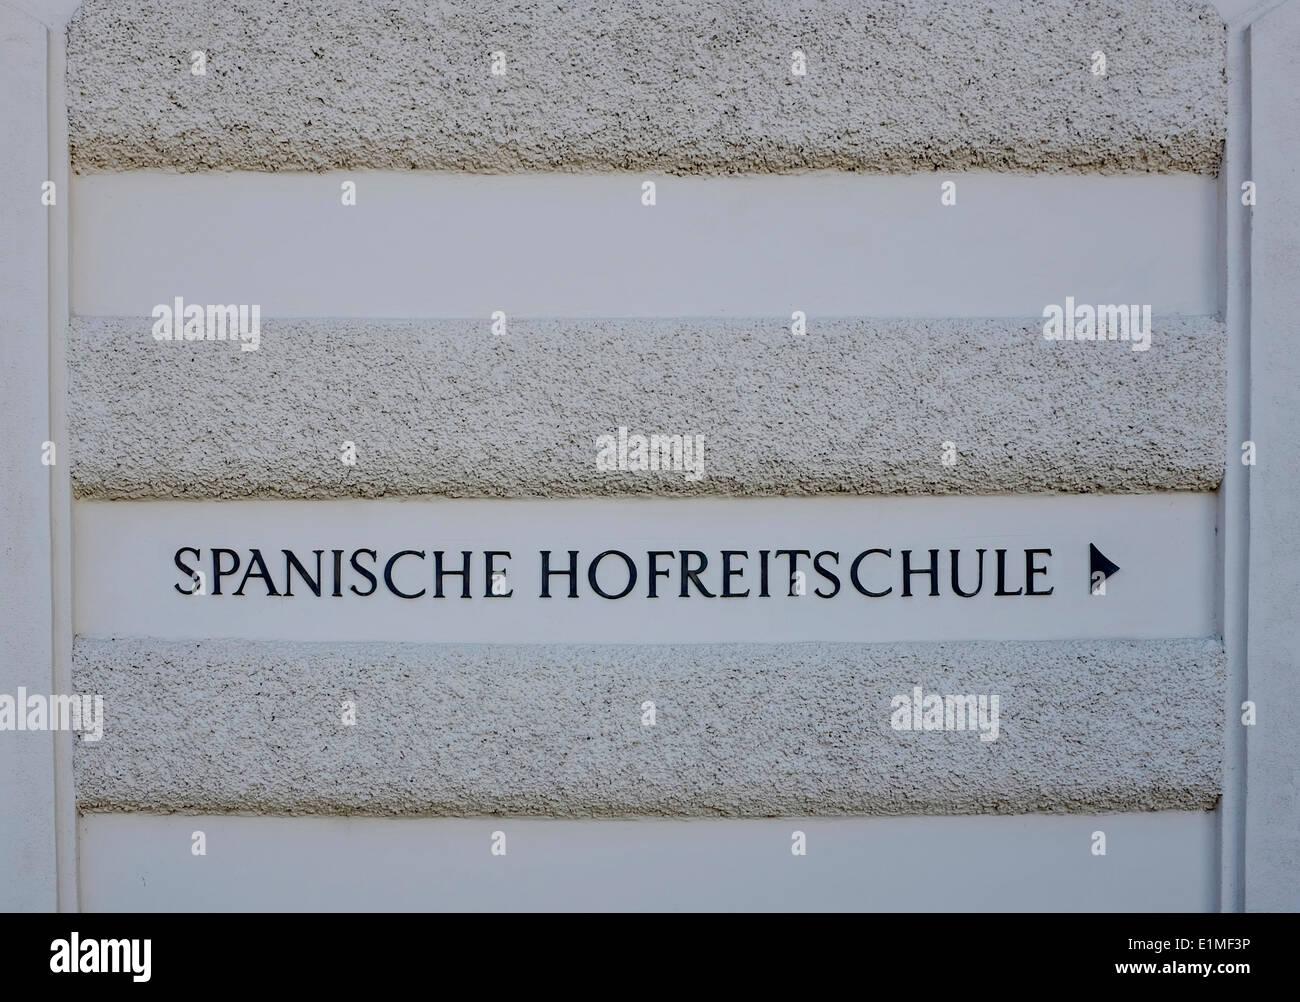 La Scuola di Equitazione Spagnola, Vienna, Austria, Europa Immagini Stock